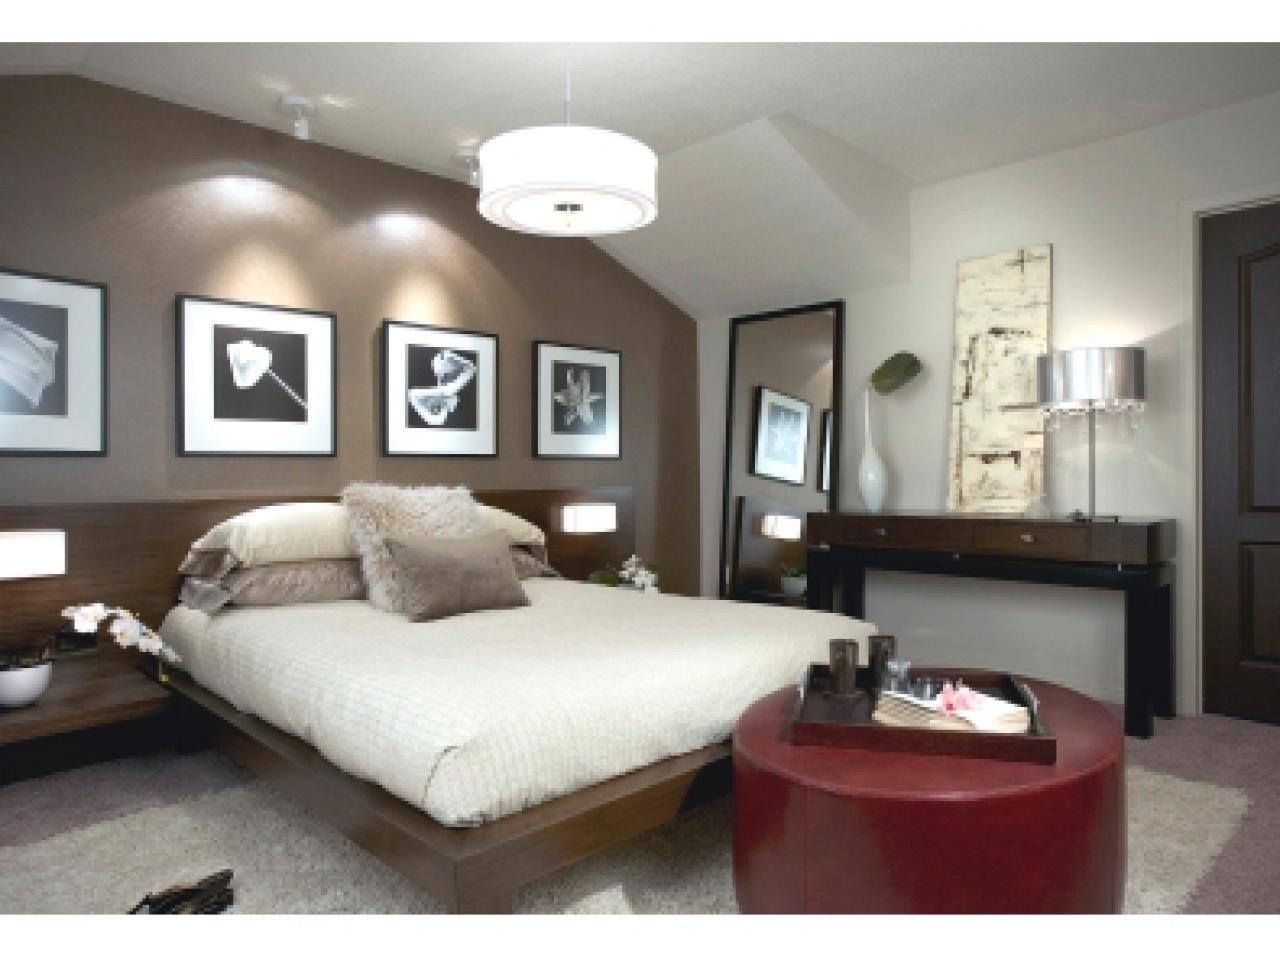 Candice Olson Oturma Odası Tasarımları